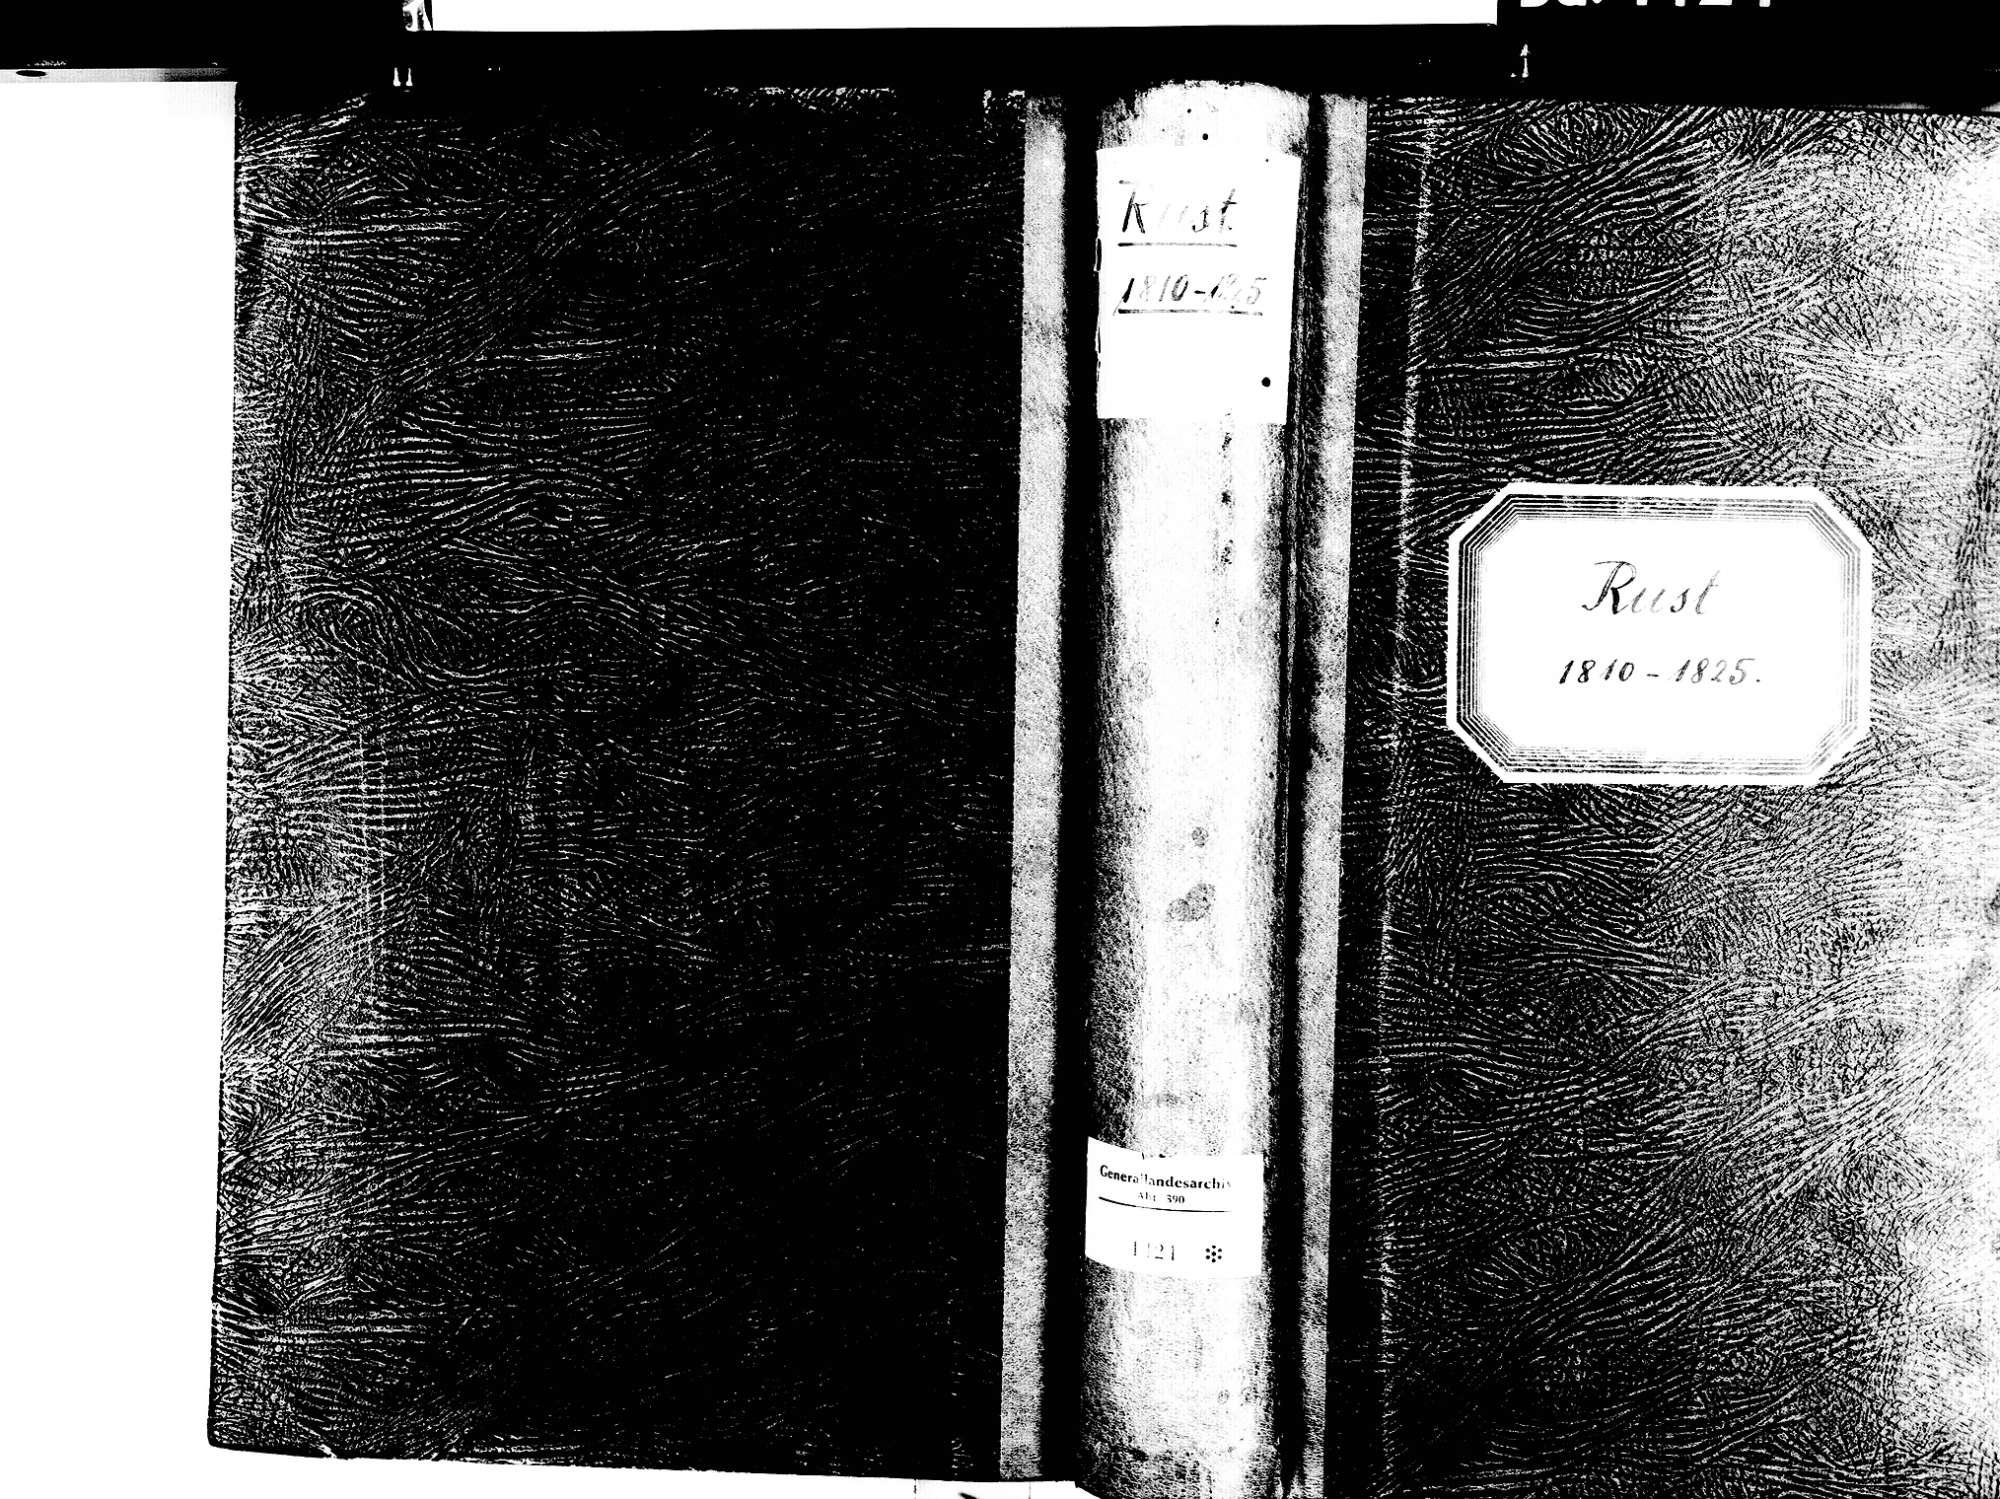 Rust OG; Katholische Gemeinde: Standesbuch 1810-1825, Bild 1